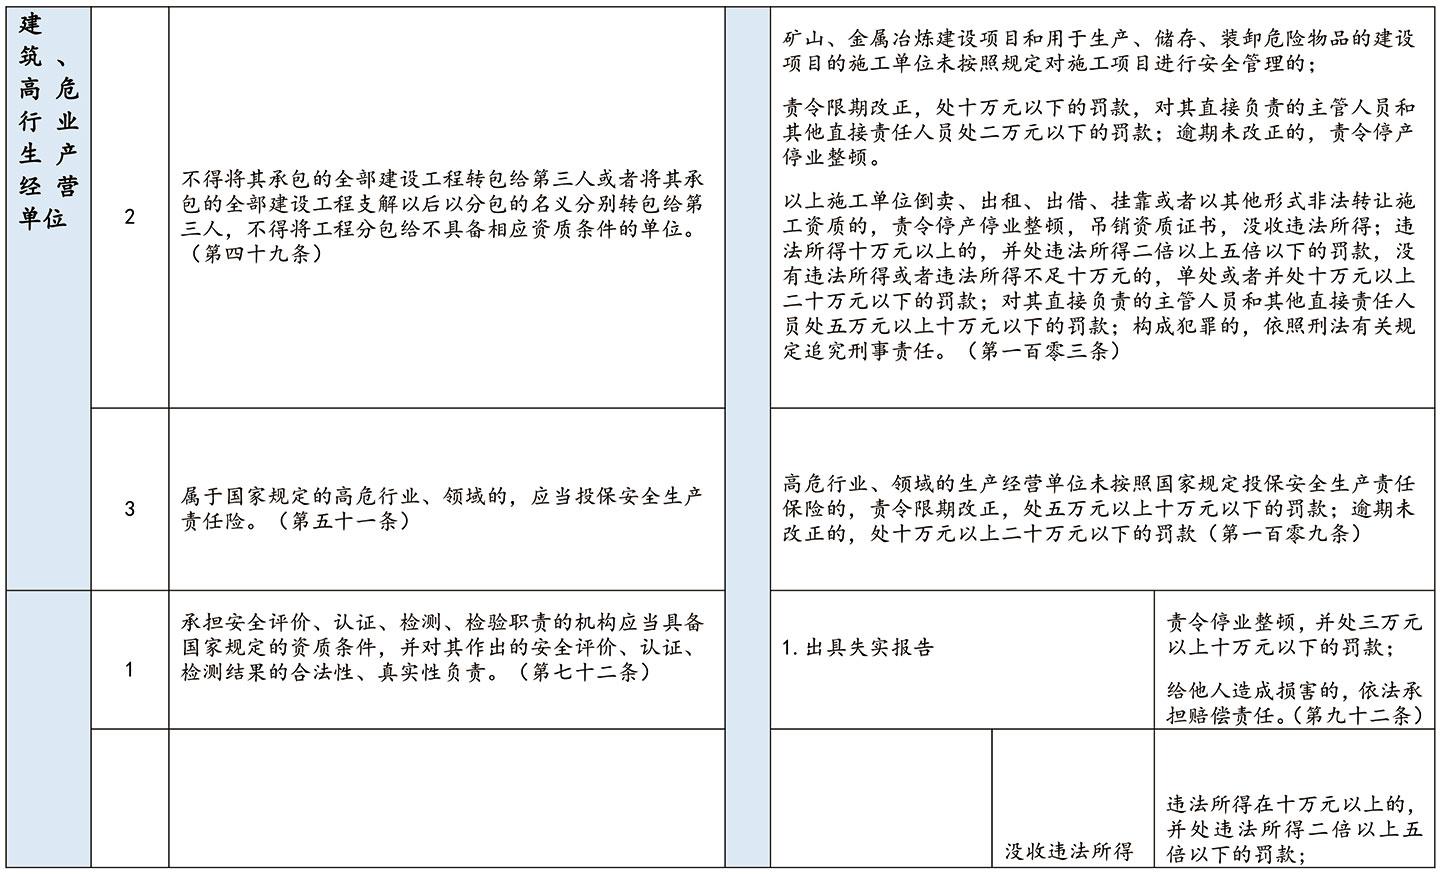 企业安全生产合规风险提示系列二:9月1日起,这些合规义务与生产经营单位有关